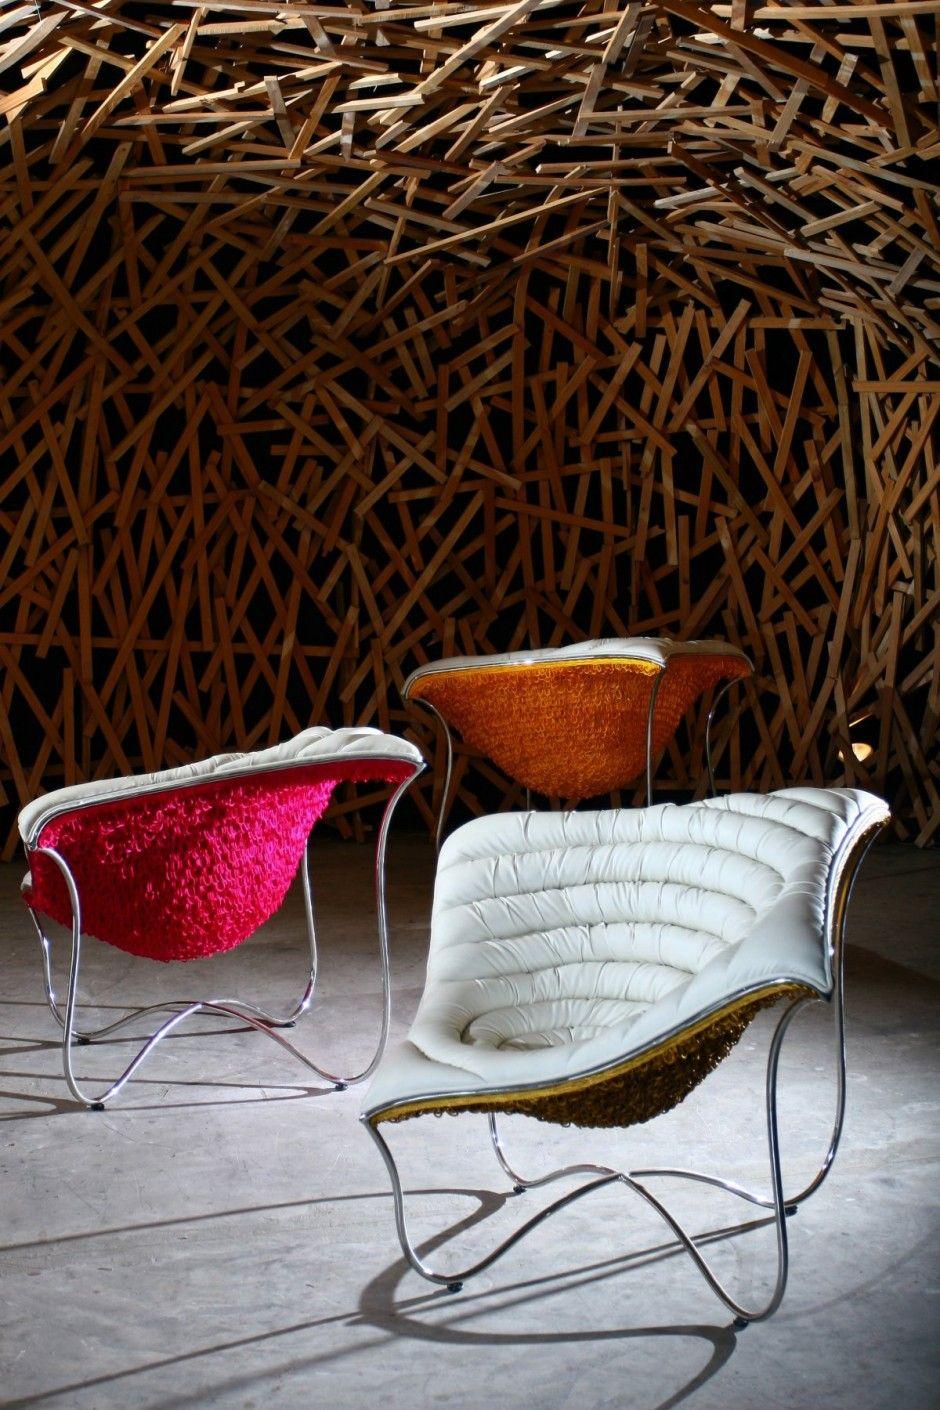 #SIDIB #Biomimicry #Architecture #Biomimesis #Biomimetica